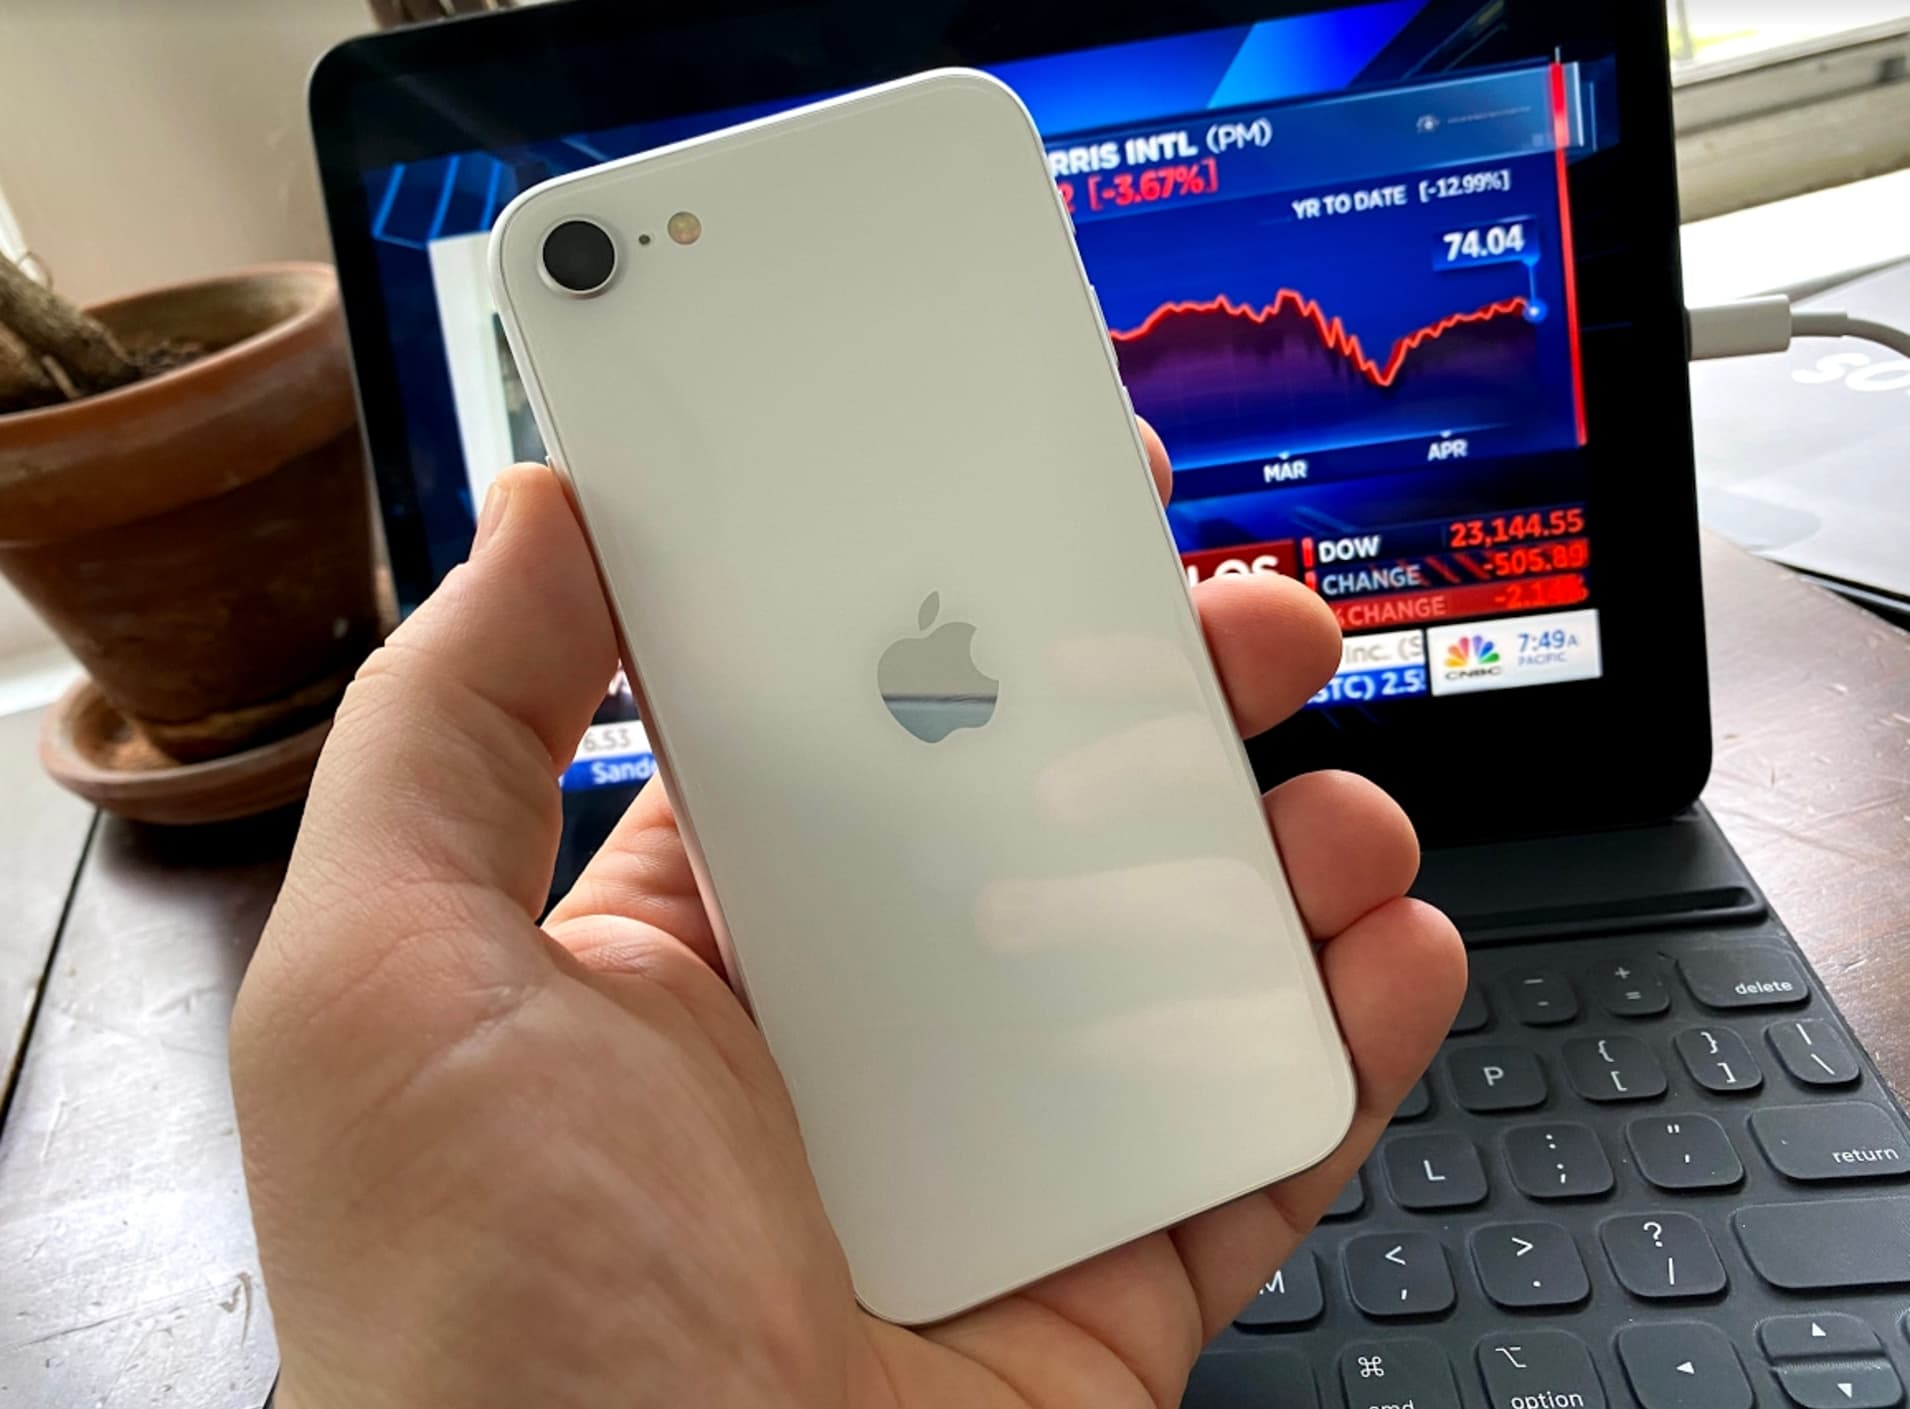 CNBC Tech: iPhone SE review 2020 6